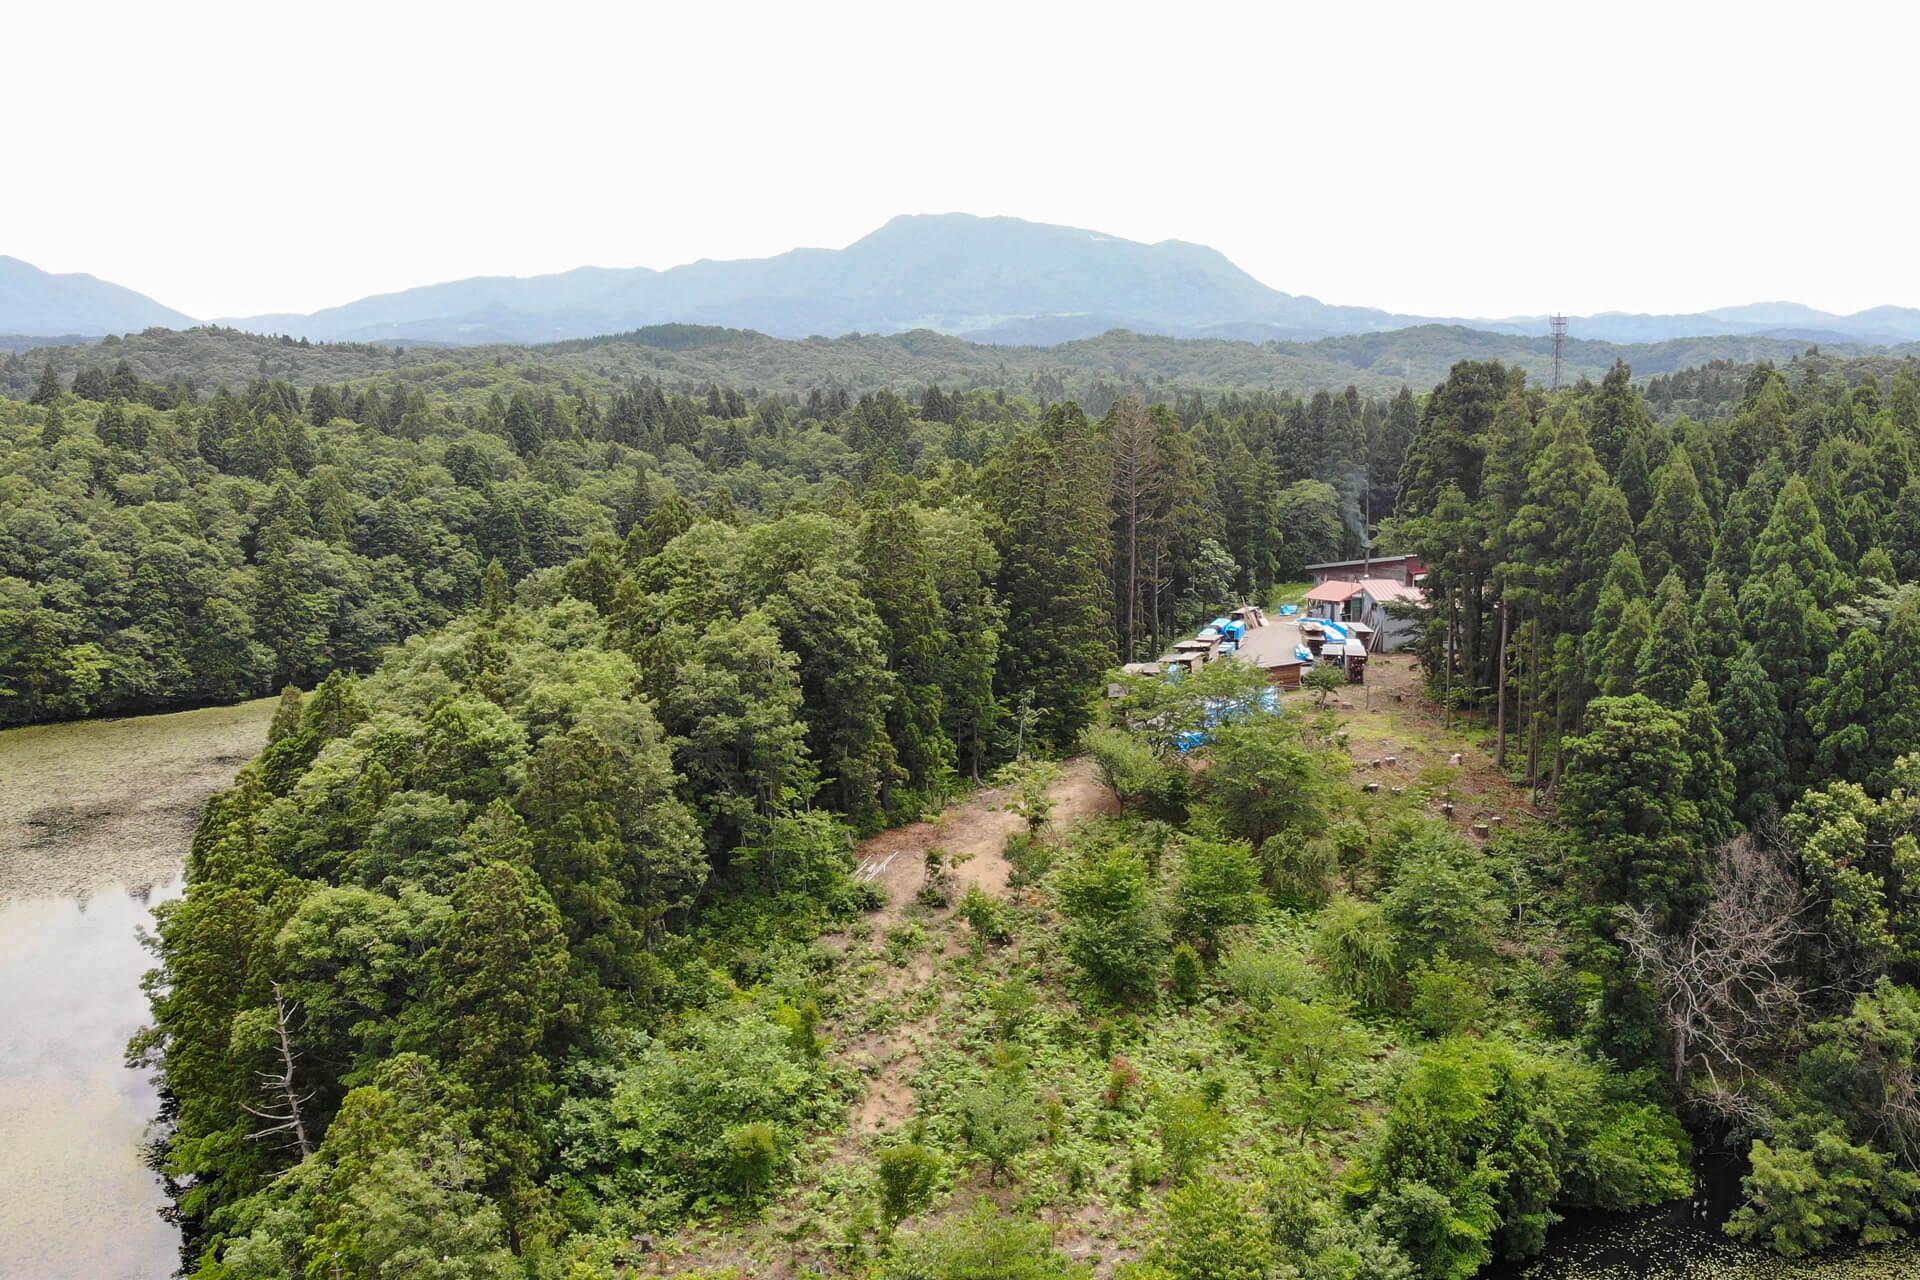 「木の家」を建てる前に知ってほしい 木のコト。森のコト。 すべては、私たちの未来と環境のために。